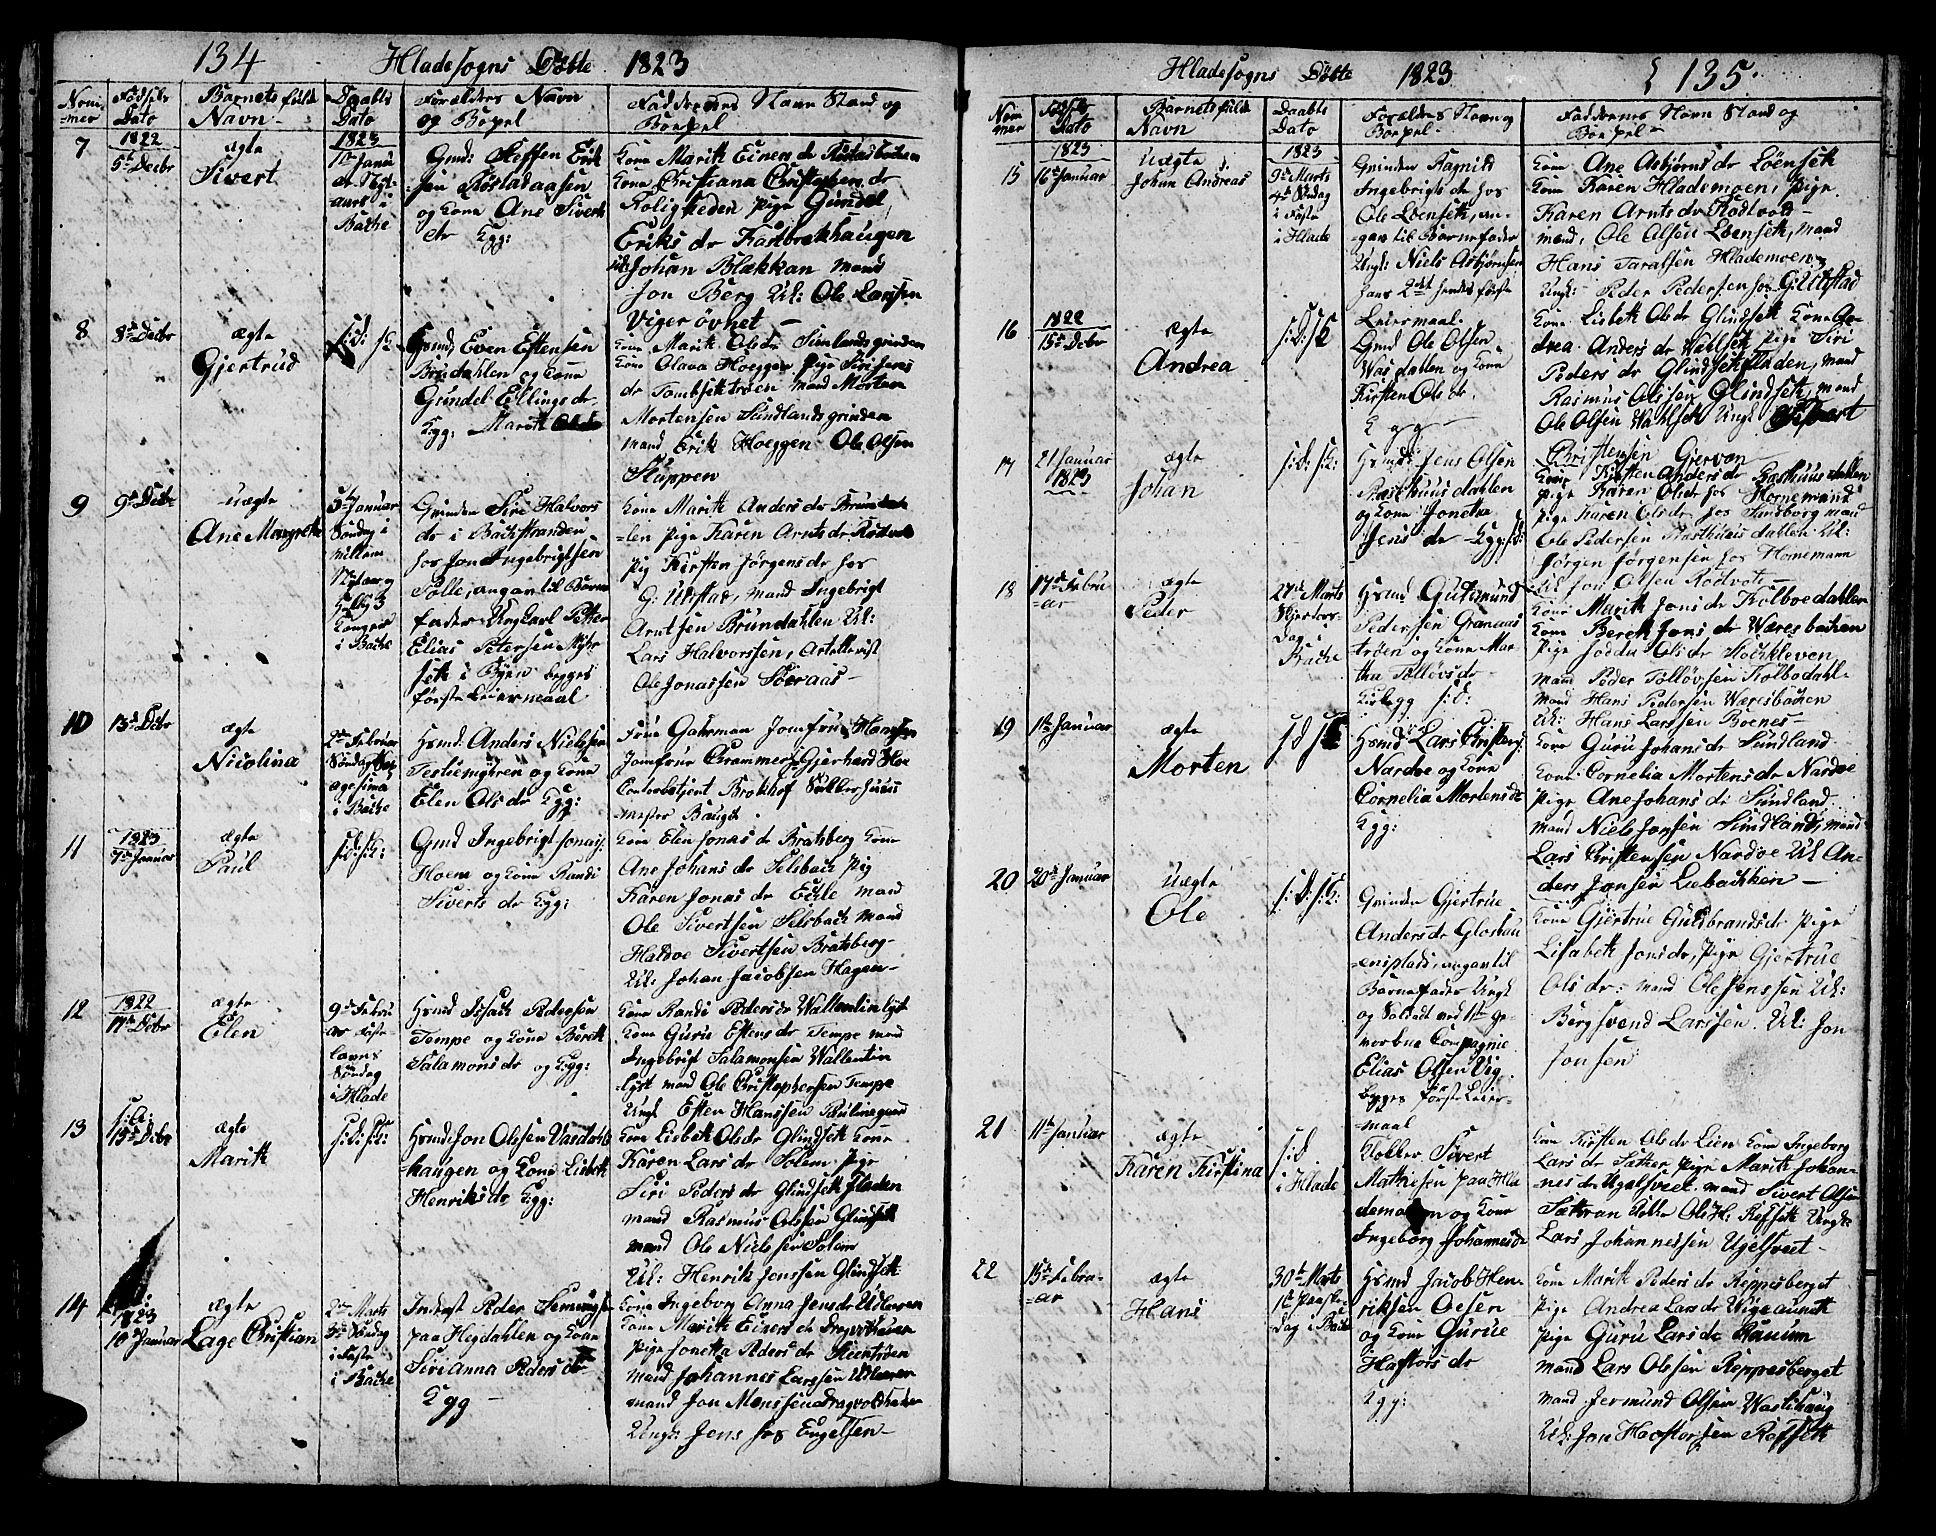 SAT, Ministerialprotokoller, klokkerbøker og fødselsregistre - Sør-Trøndelag, 606/L0306: Klokkerbok nr. 606C02, 1797-1829, s. 134-135